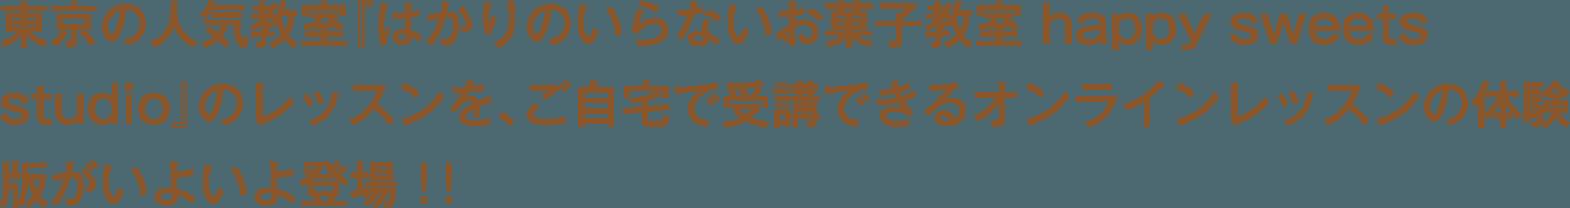 東京の人気教室『はかりのいらないお菓子教室 happy sweets studio』のレッスンを、ご自宅で受講できるオンラインレッスンの体験版がいよいよ登場!!